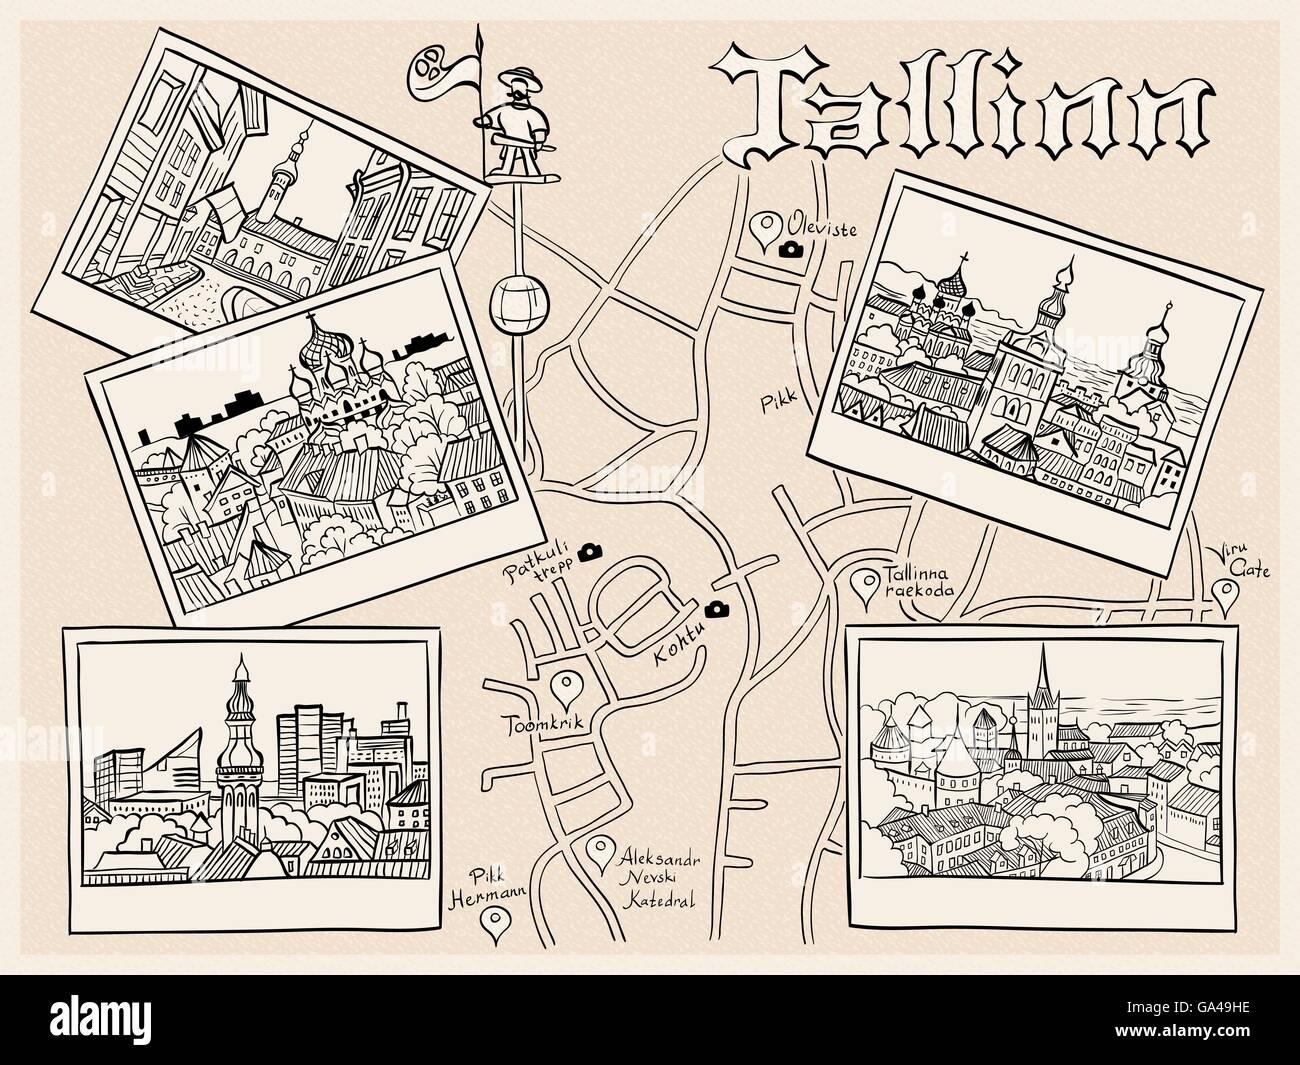 Vettore Città Vecchia medievale, Tallinn, Estonia Immagini Stock